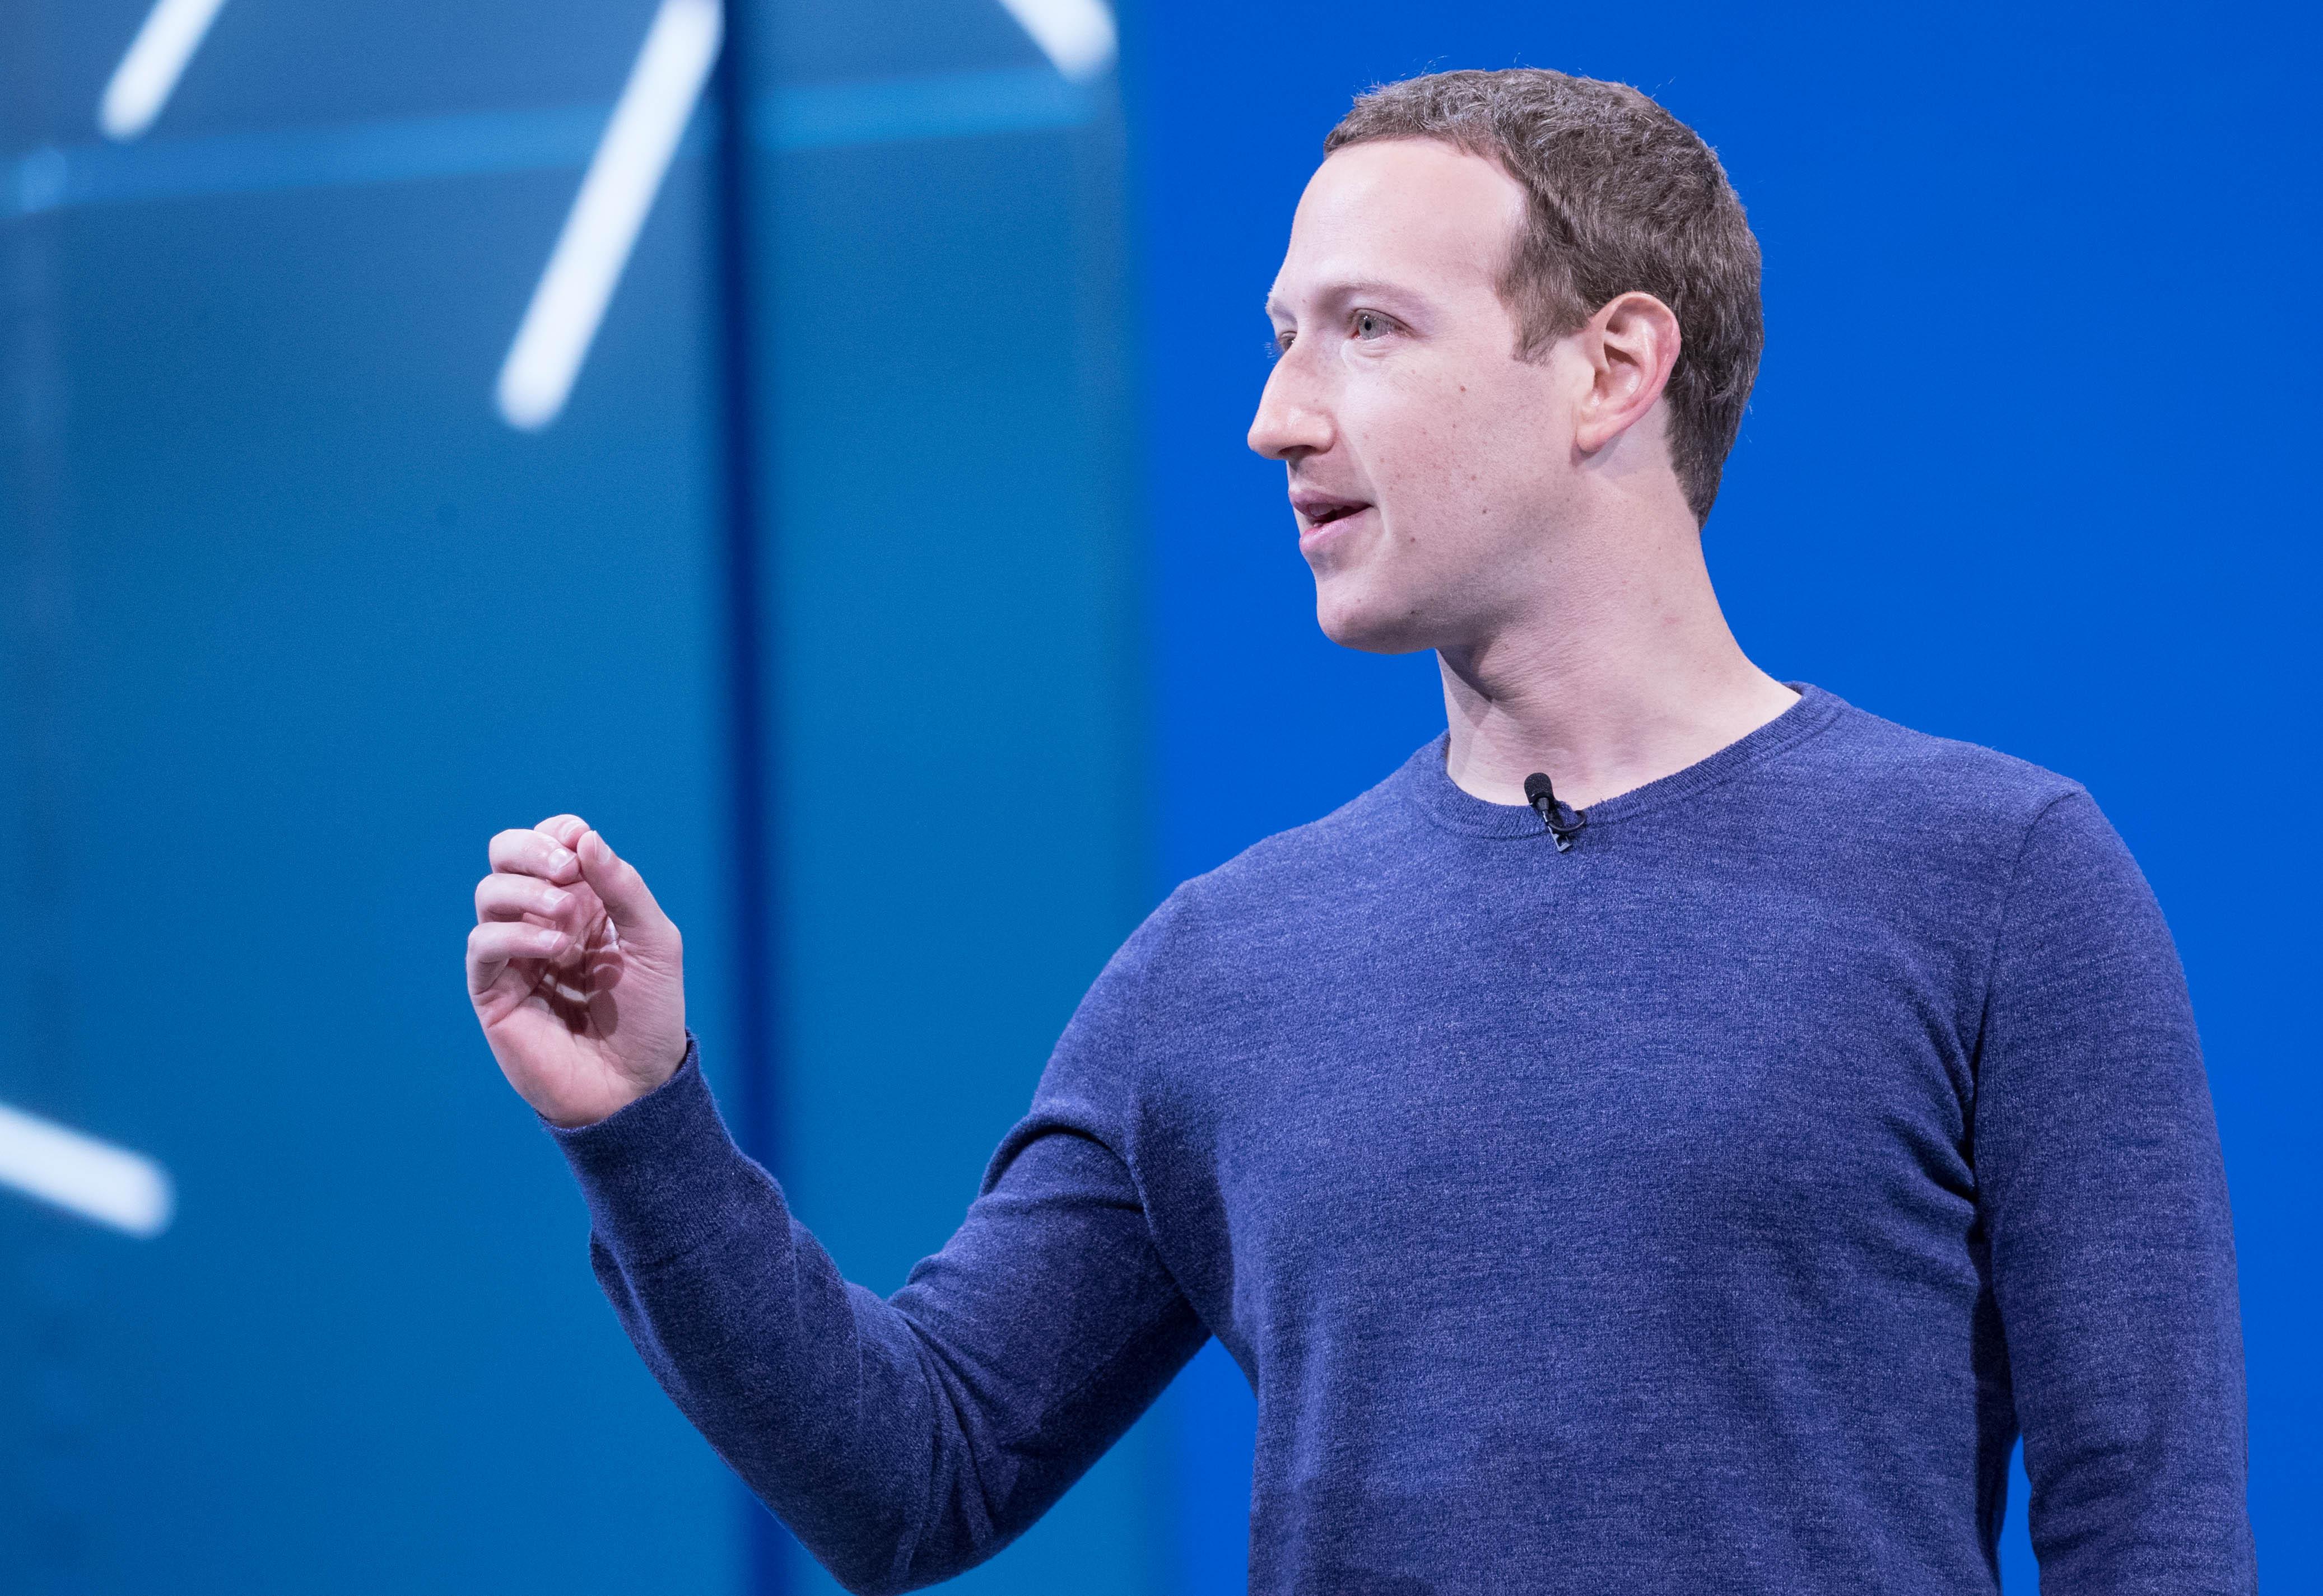 Twórca Facebooka, który zmienił politykę kadrową firmy po tym, jak został ojcem. (fot. Anthony Quintano/wikimedia.org/CC)